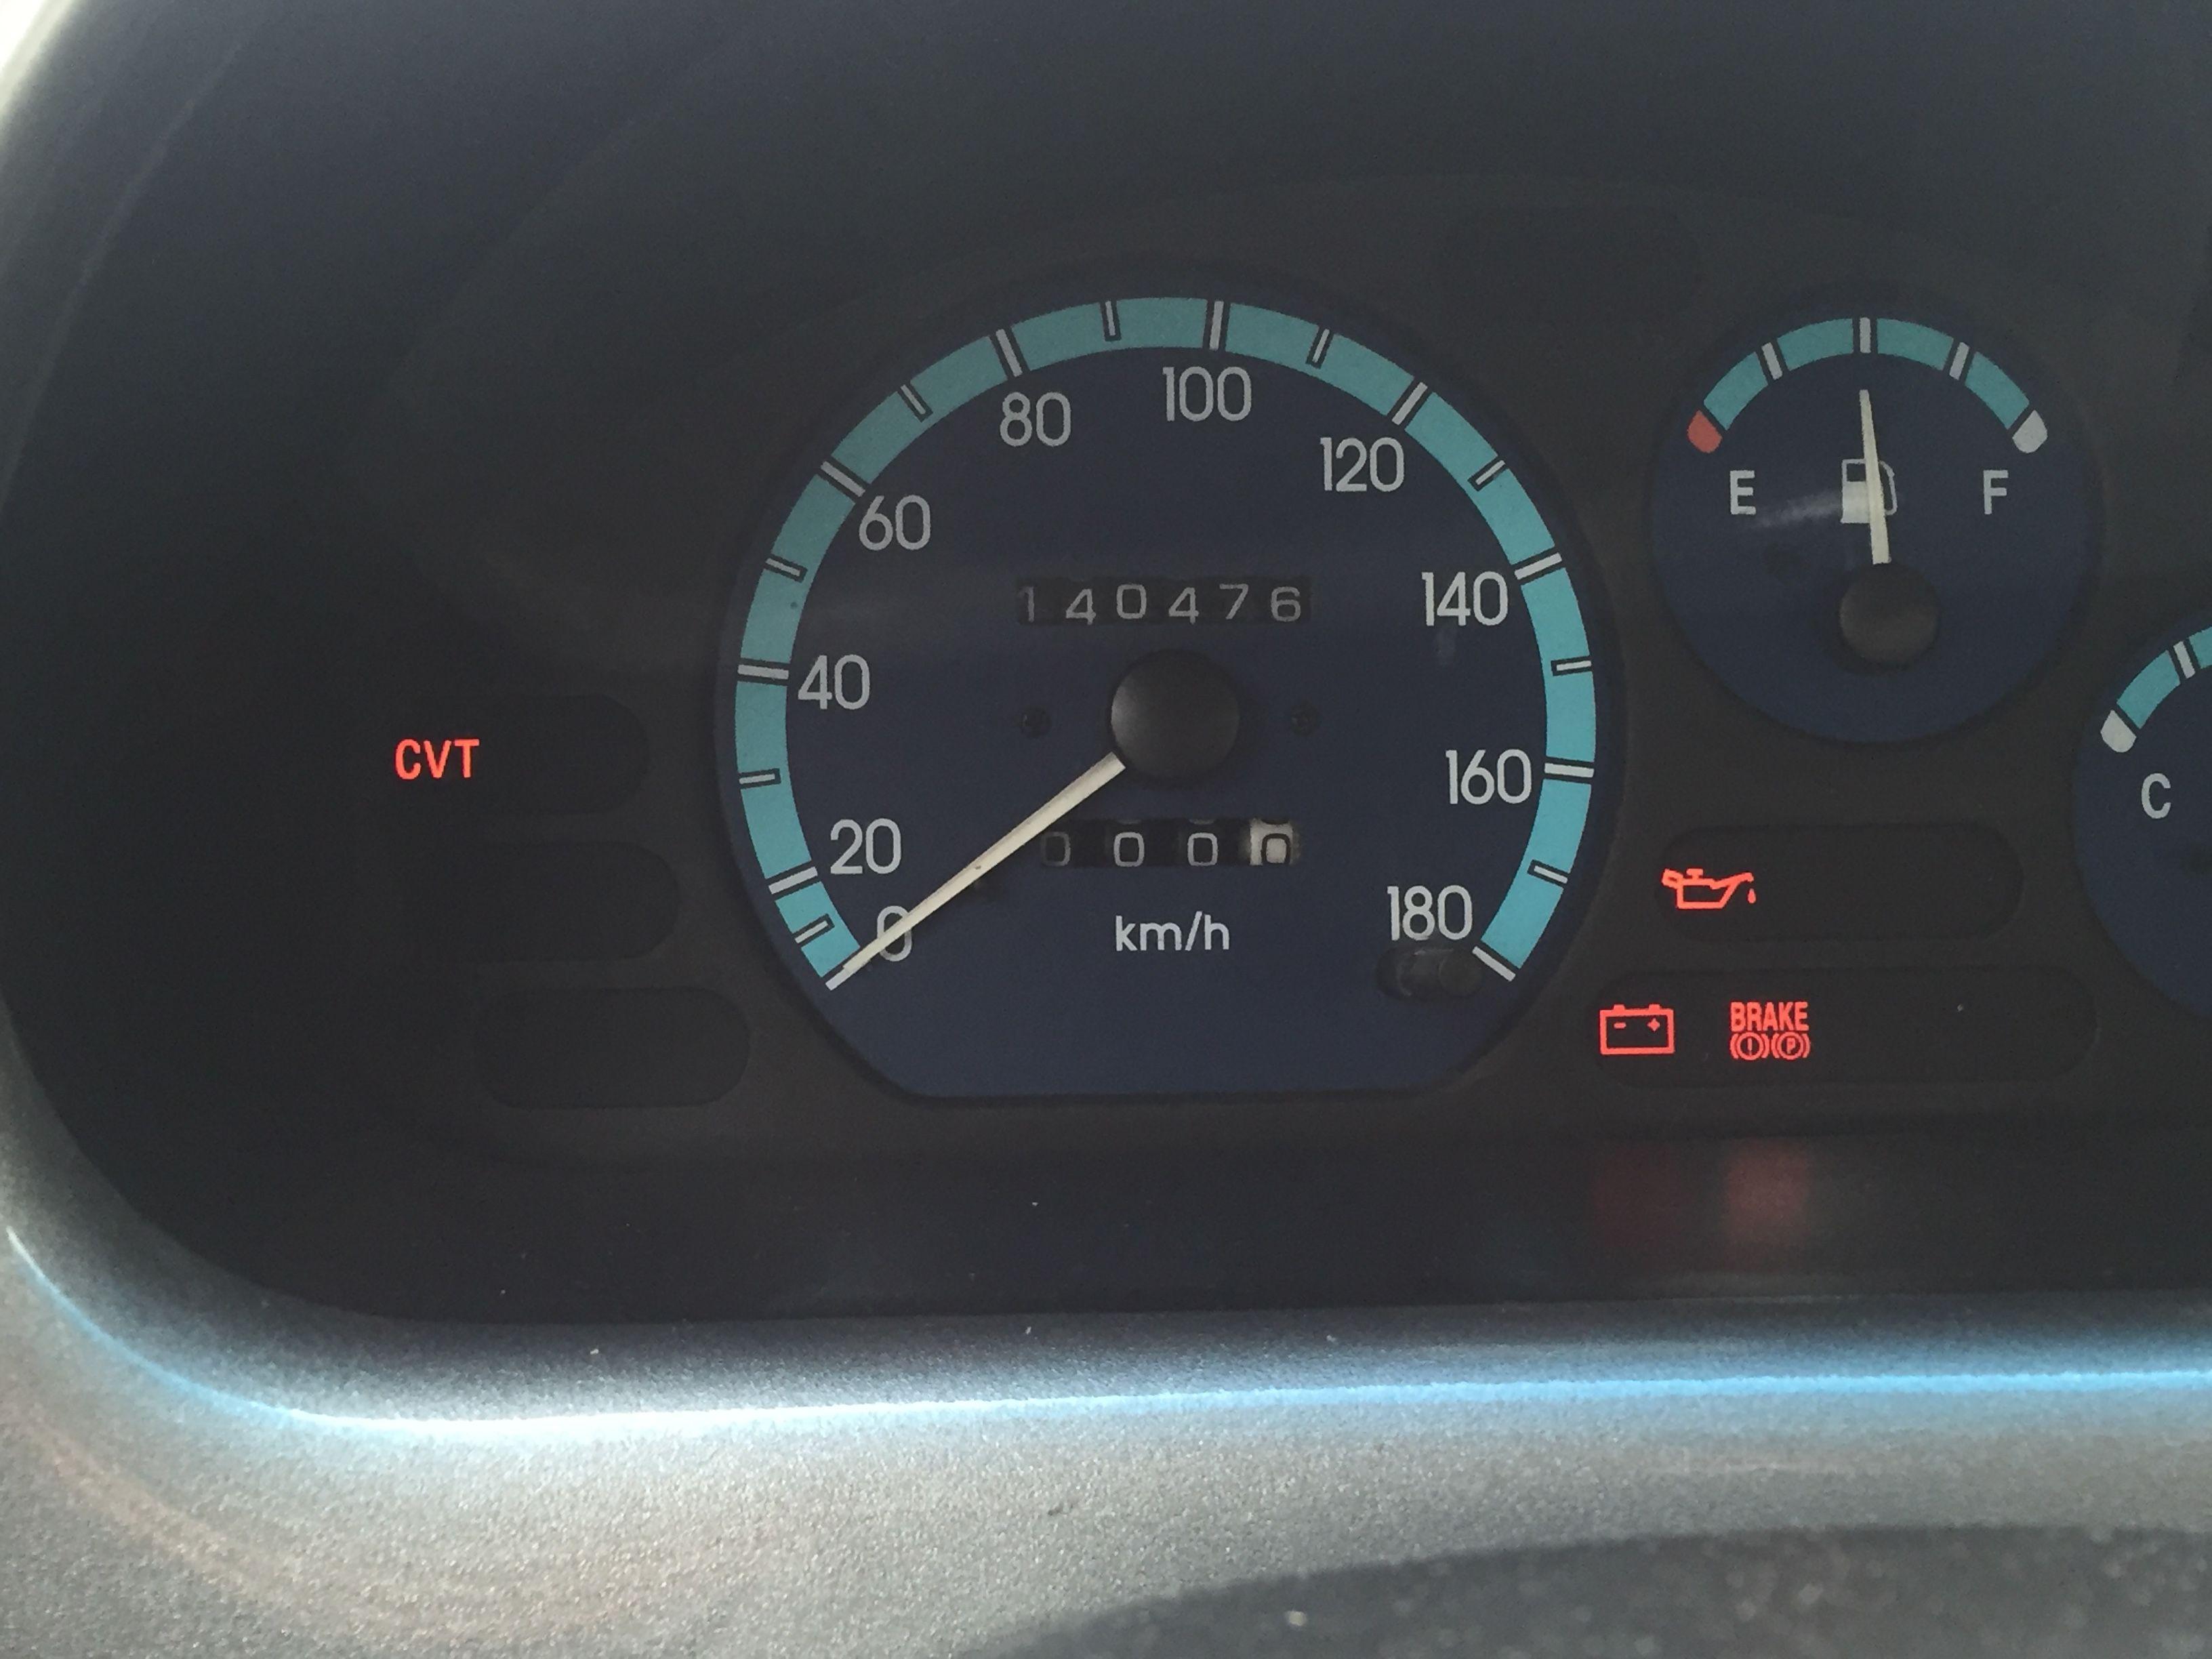 汽车仪表盘亮了几个灯